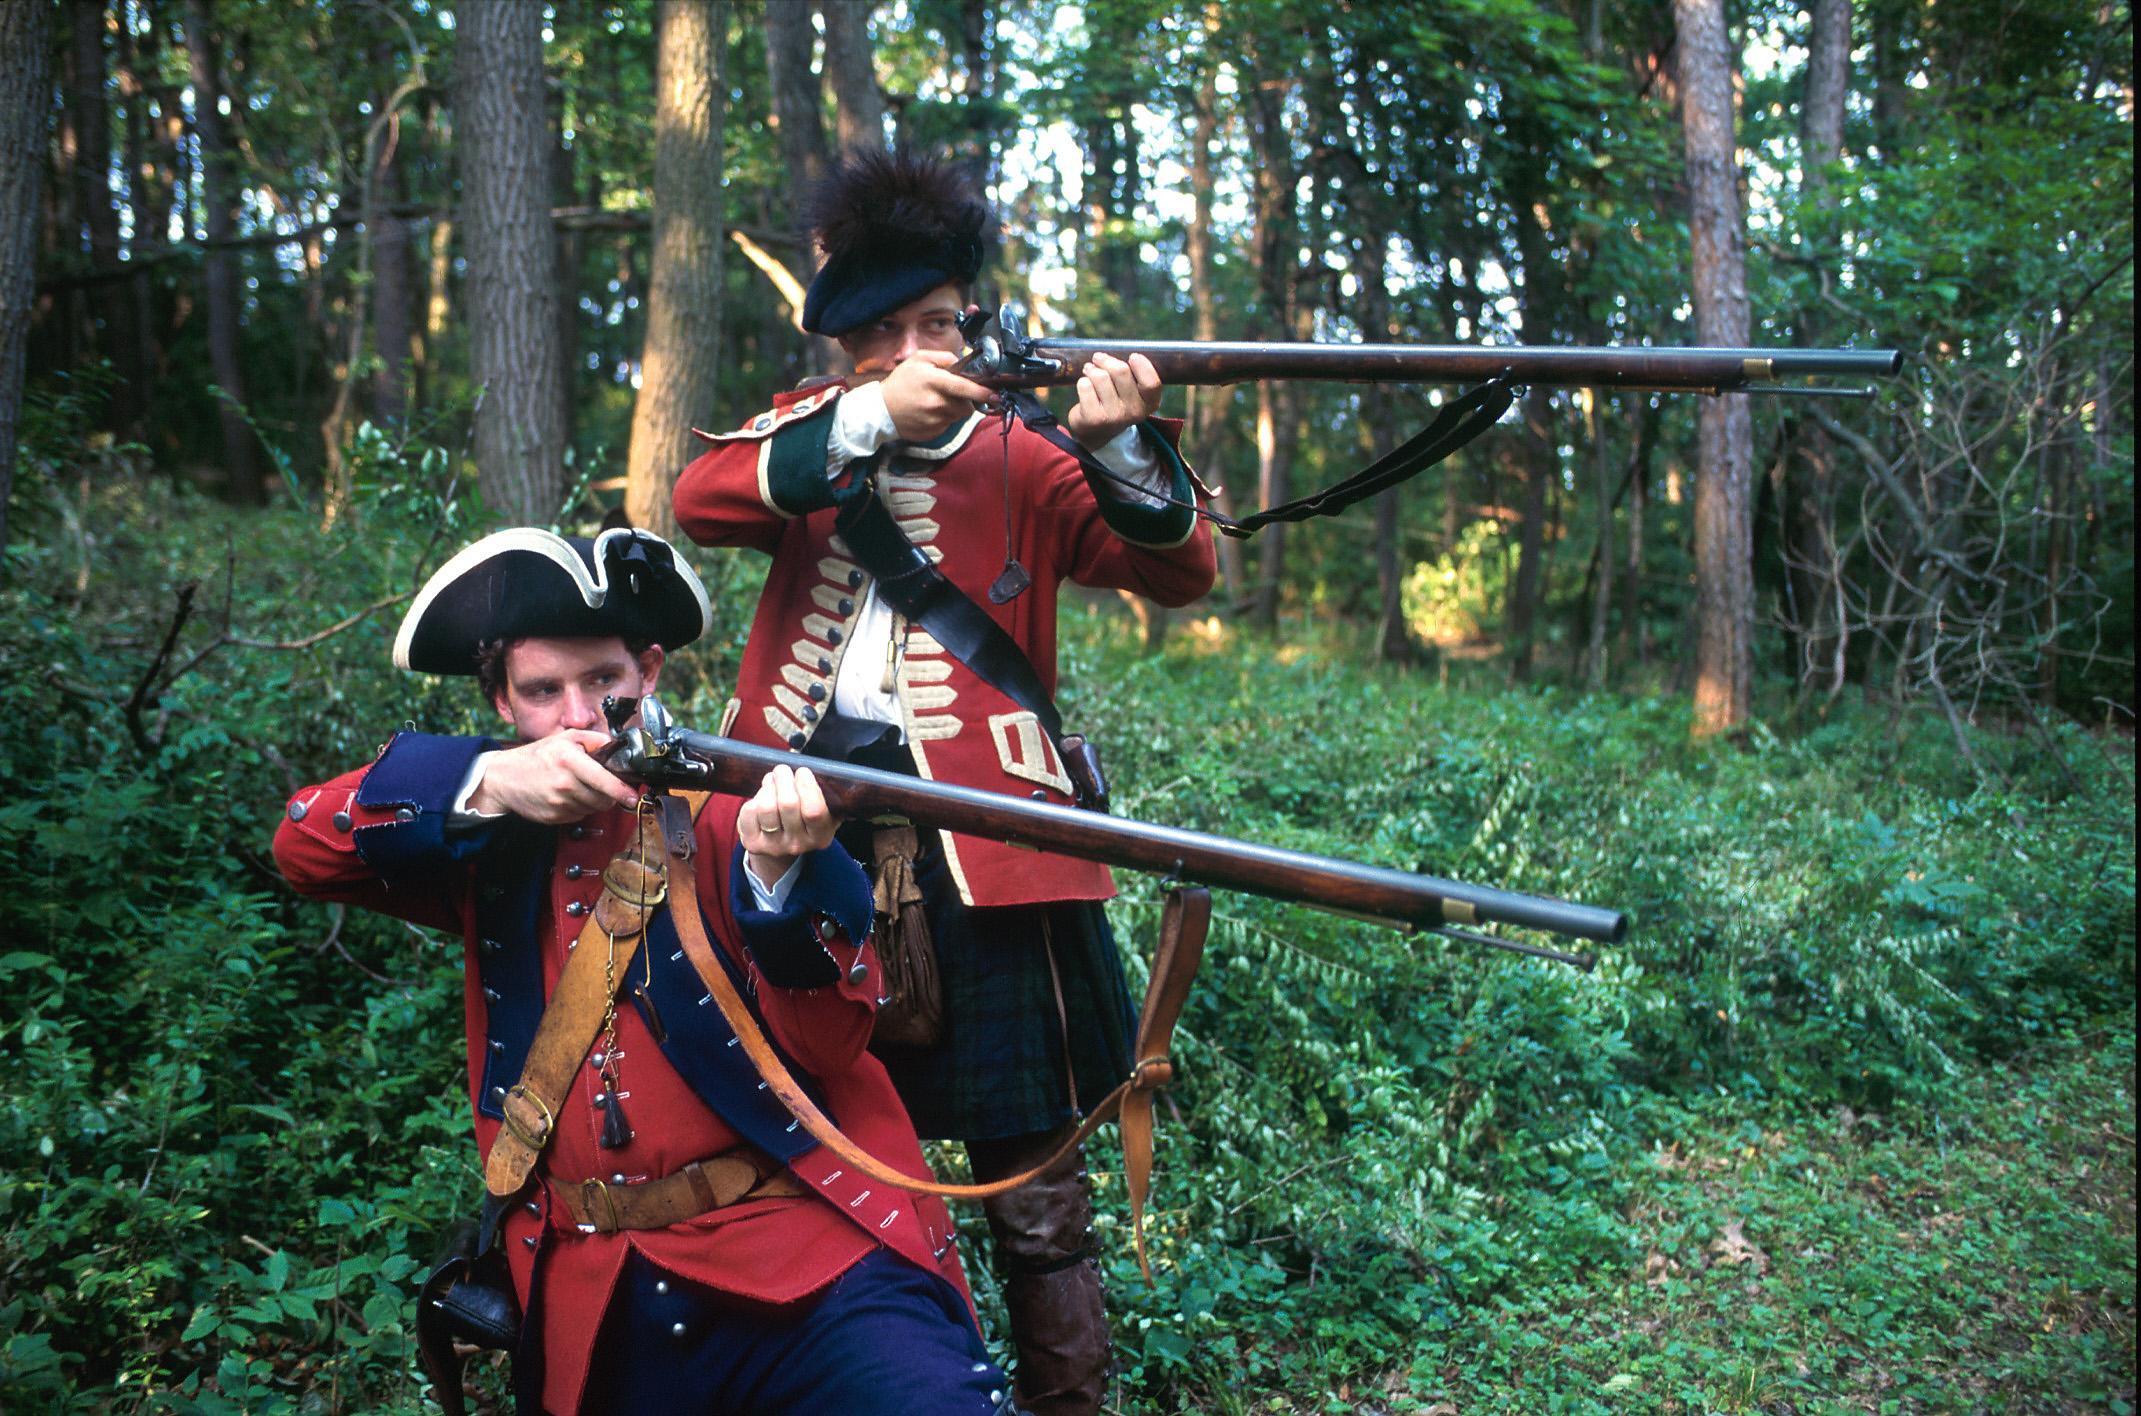 ممثلون يلعبون دور جنود في الحرب الثورية يحملون بنادق (State Dept.)